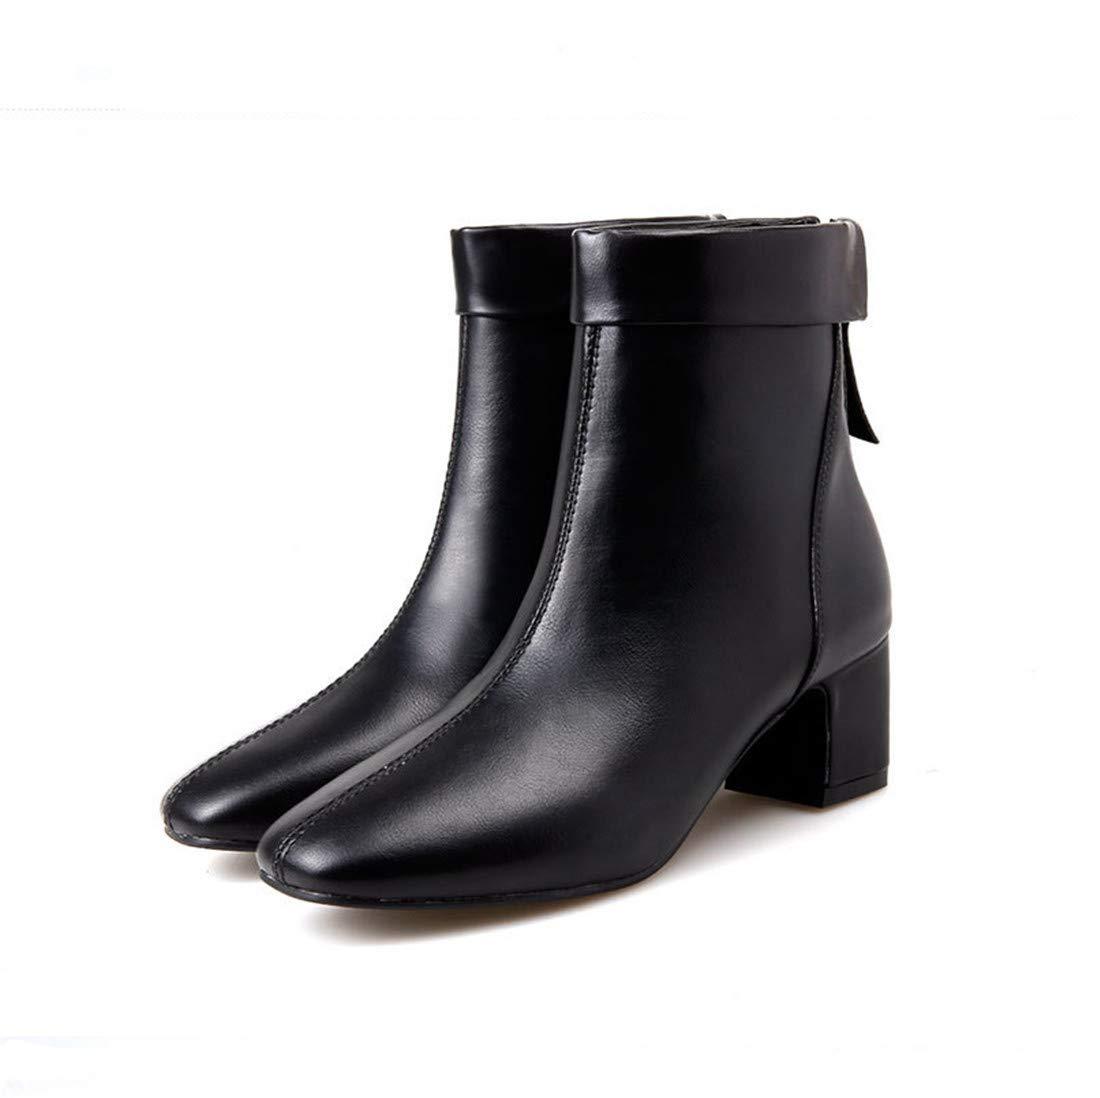 Sandalette-DEDE Bottes de européenne Court et américaine à Court européenne des Bottes, de Bottes, de Bottes, Chaussures, Bottes Mode 38 black 6ad402